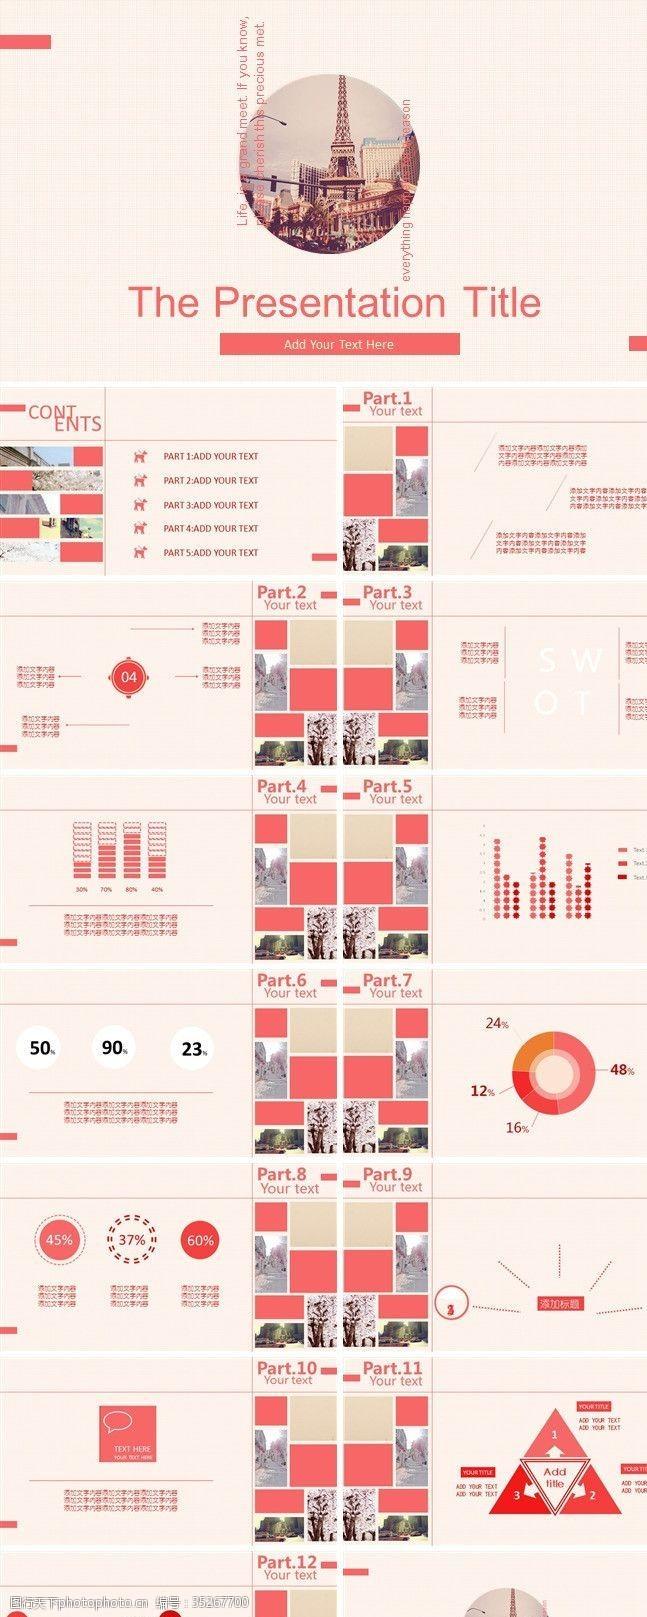 企业ppt模板红色简约扁平化PPT模板